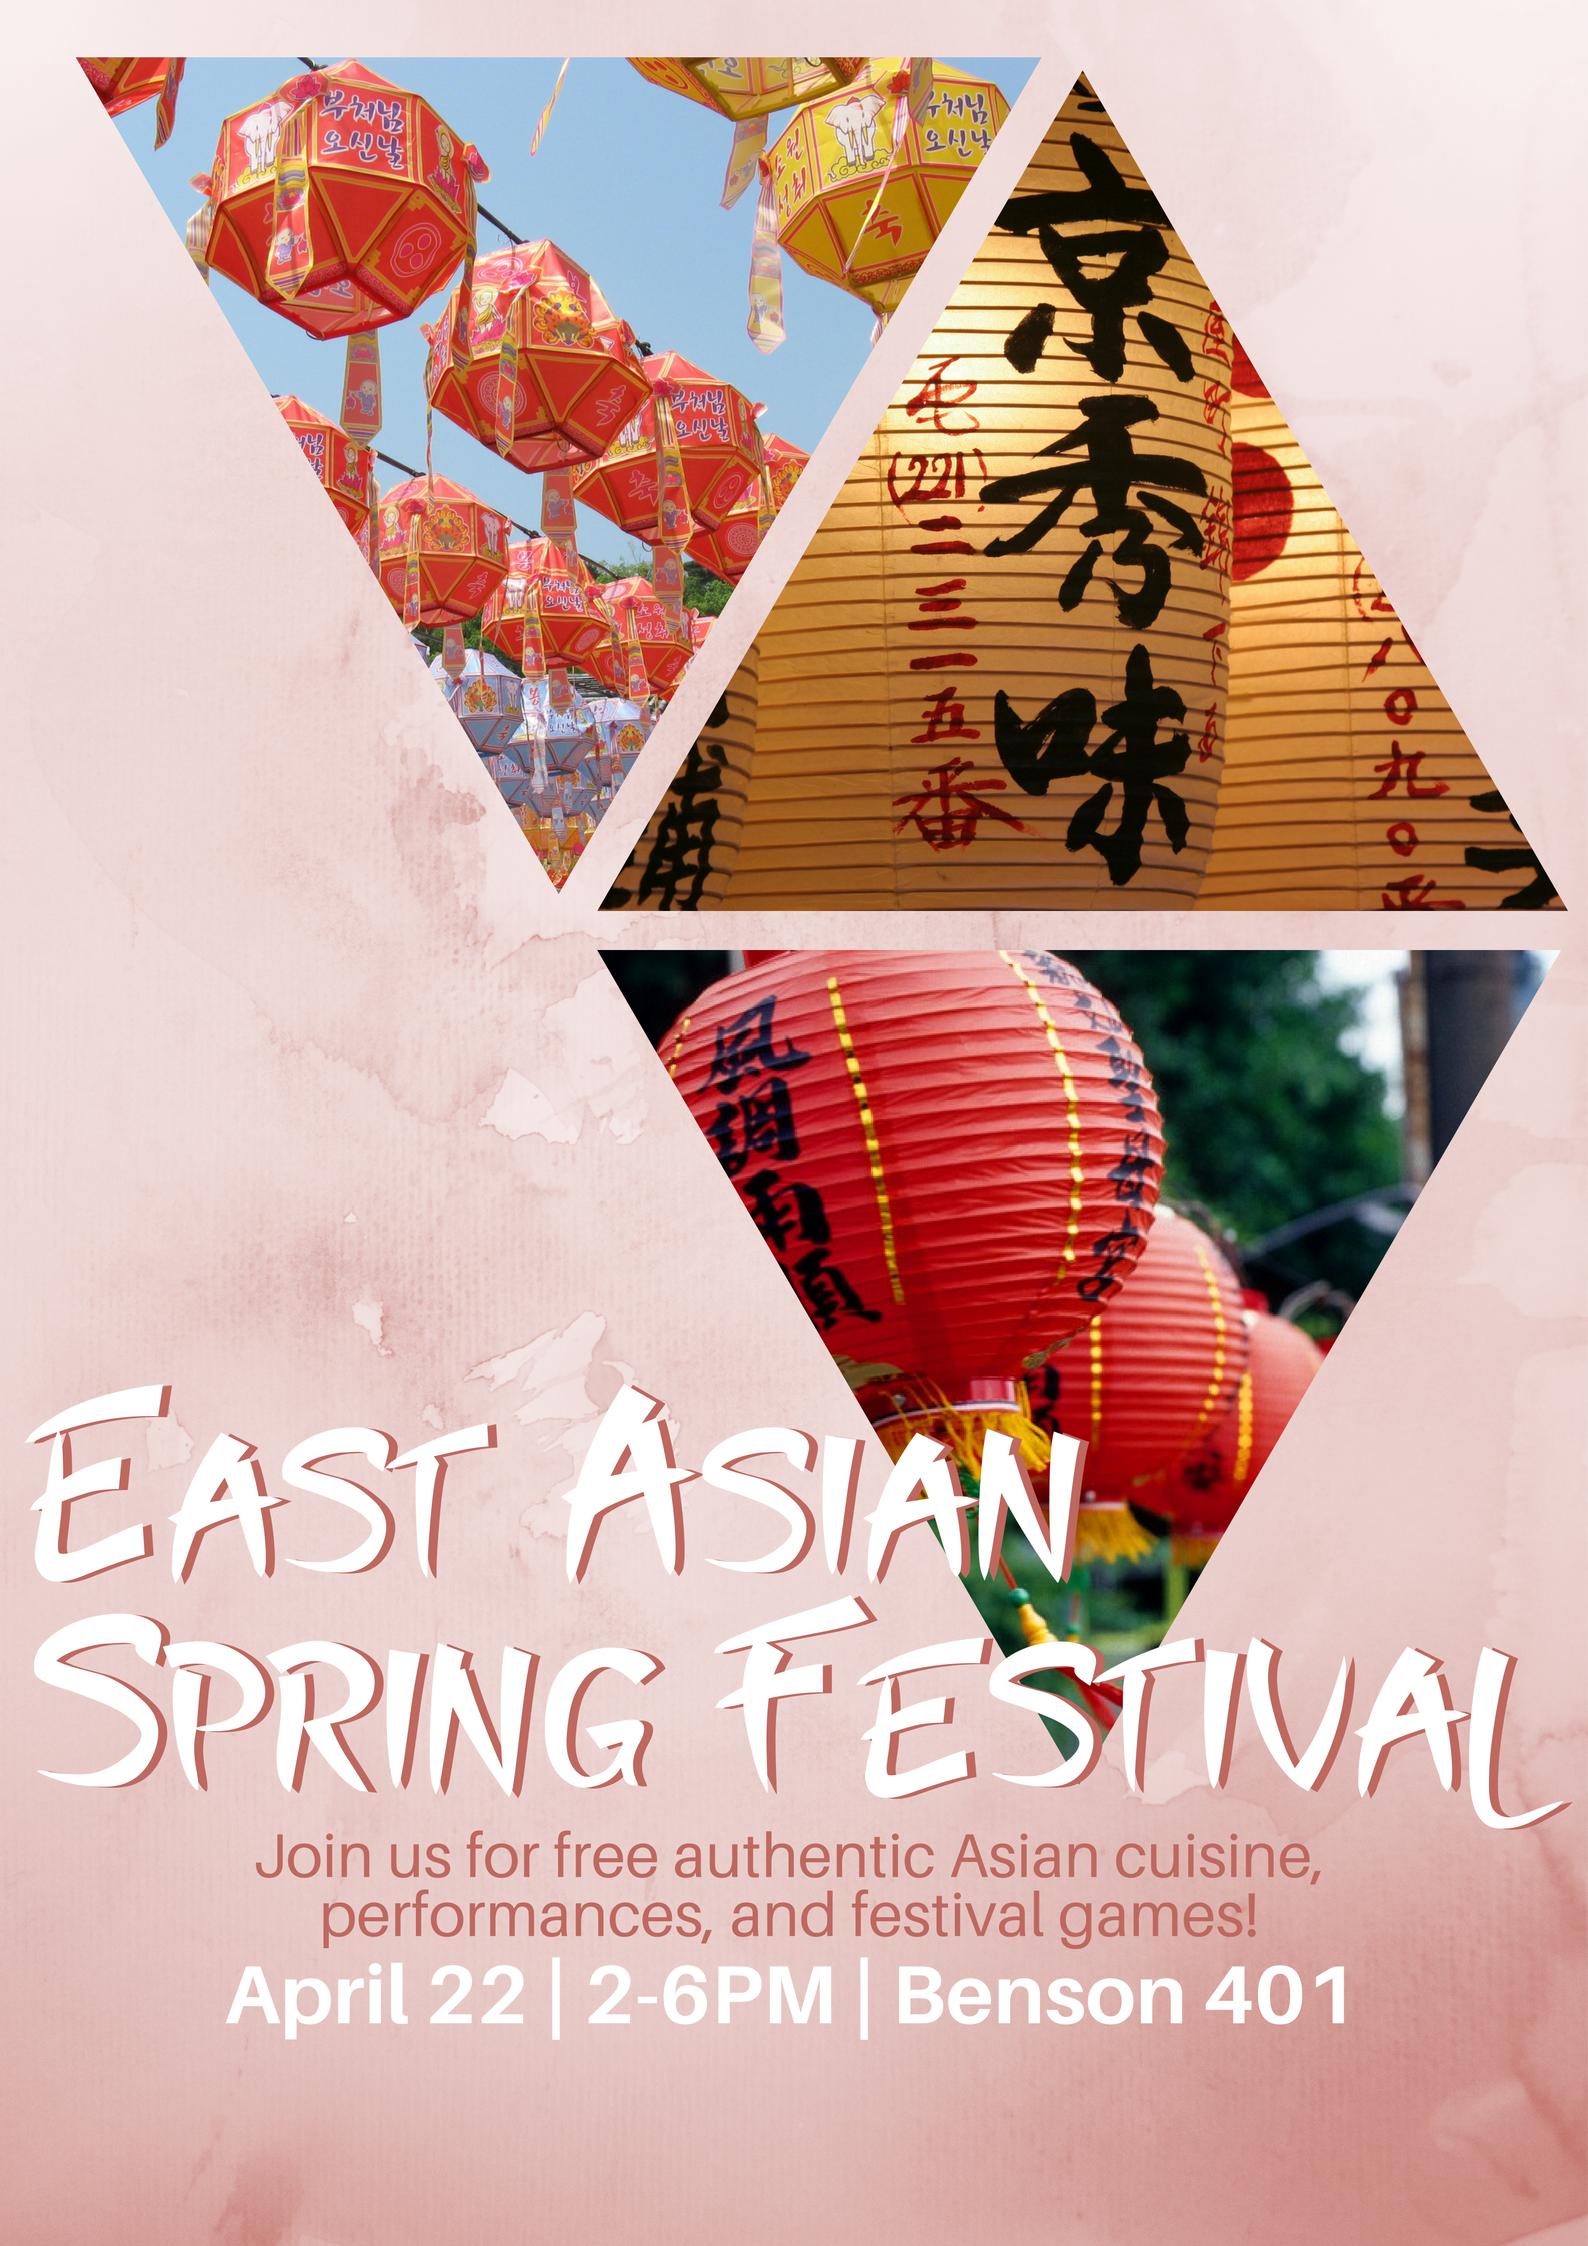 East Asian Spring Festival